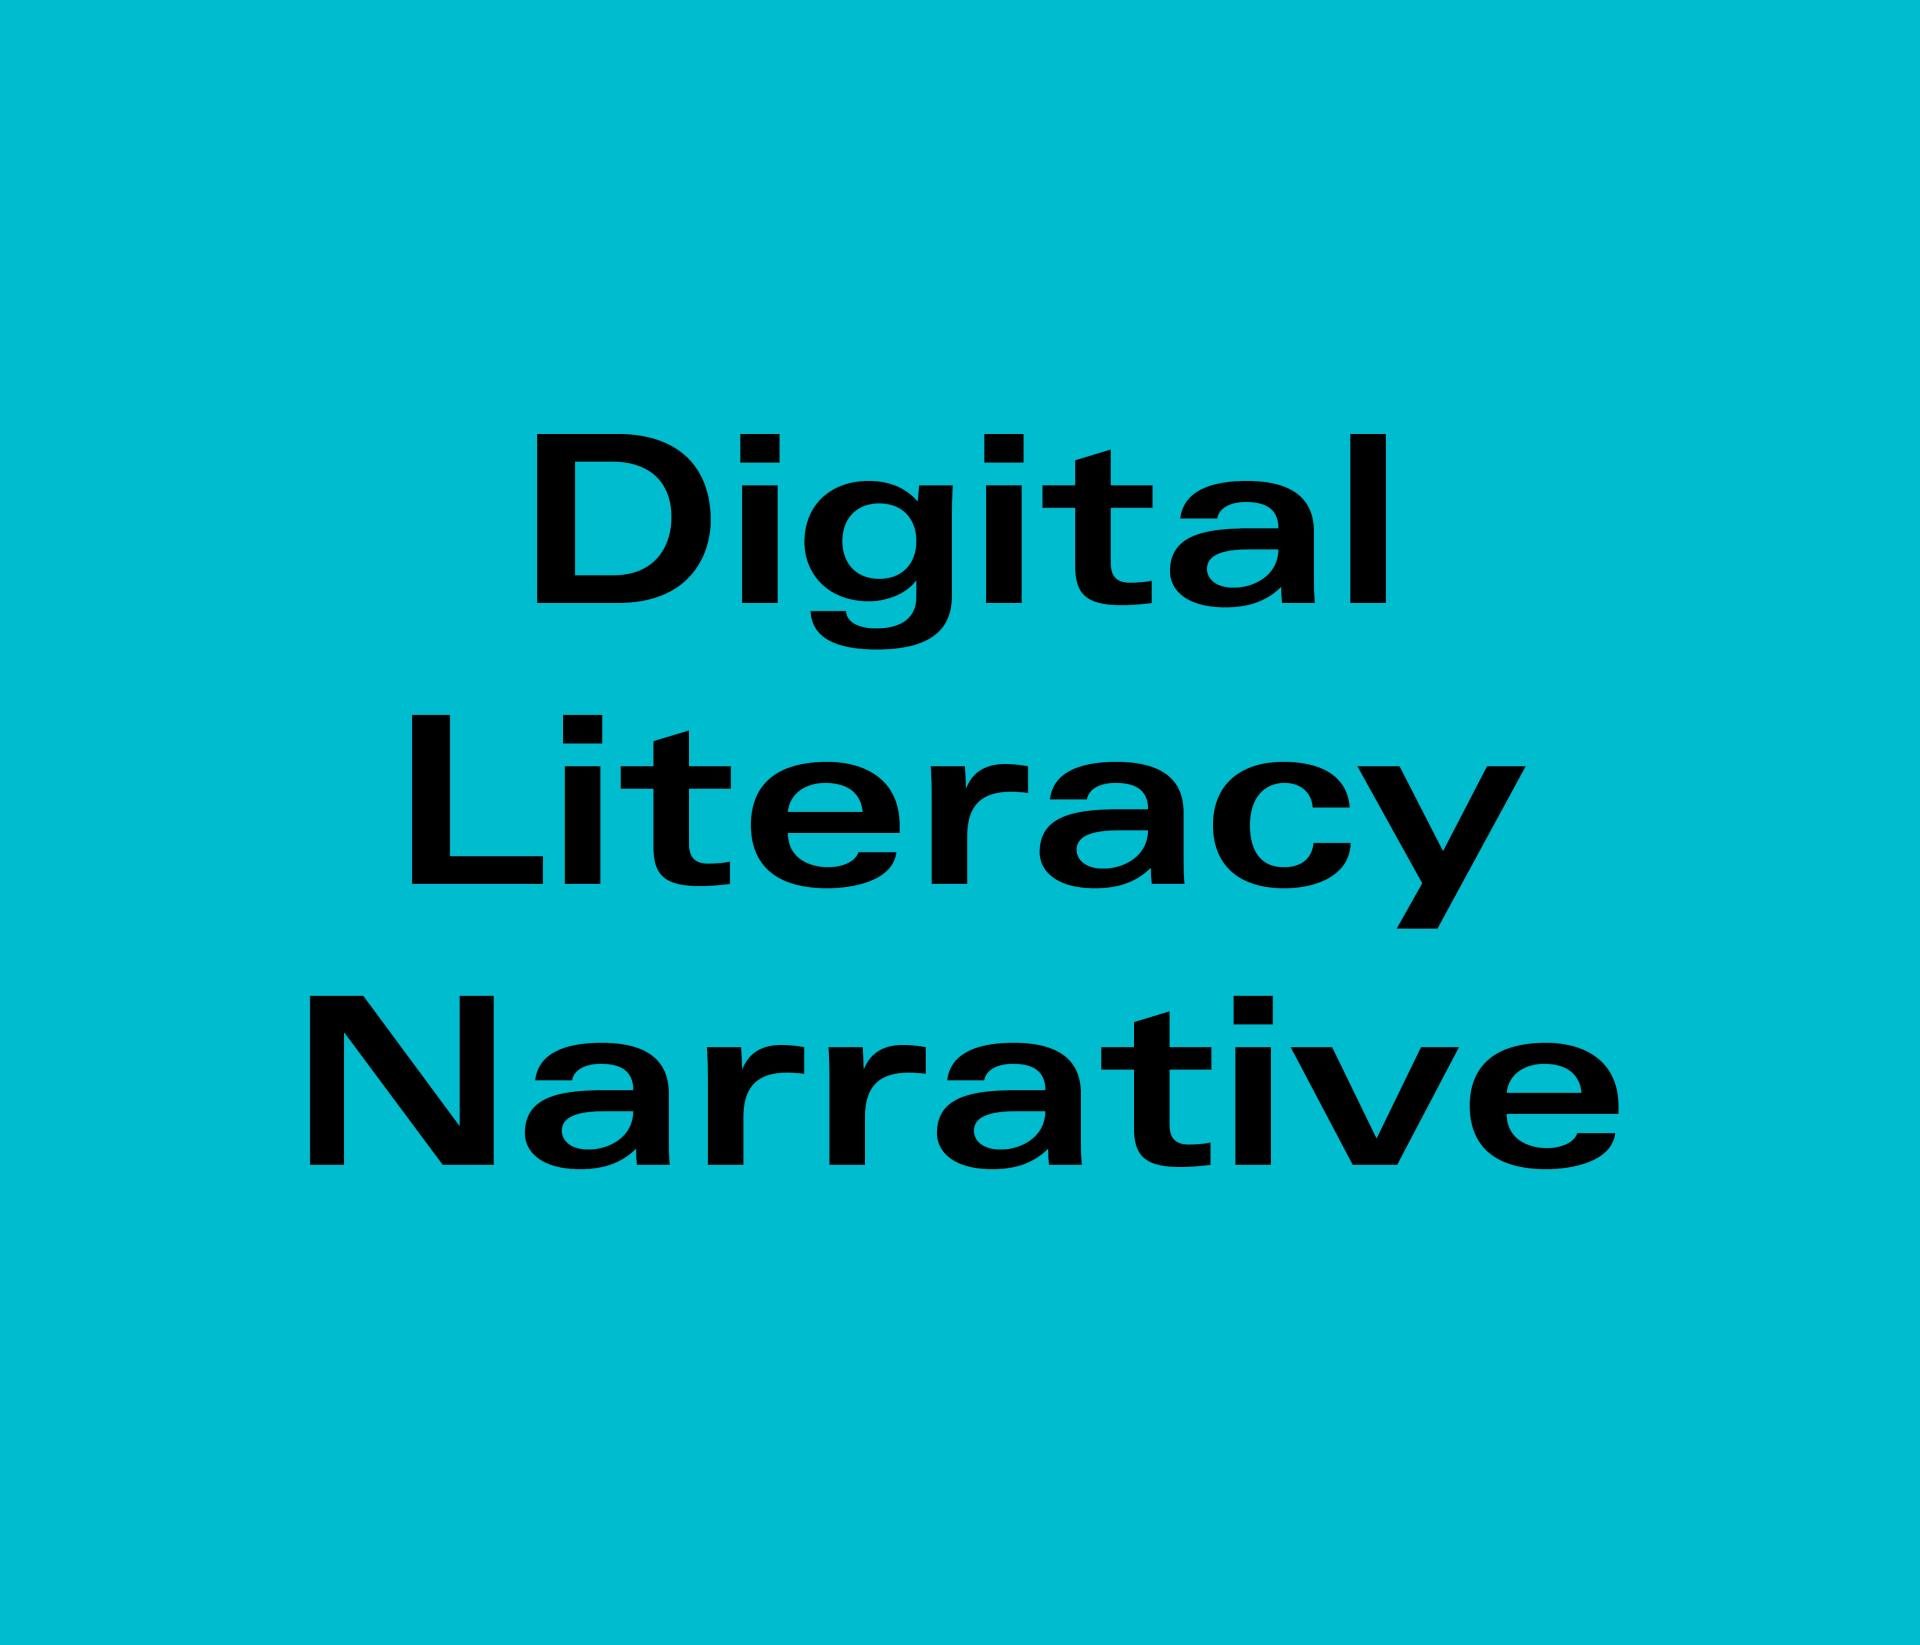 Reagan Faunce, Digital Literacy Narrative